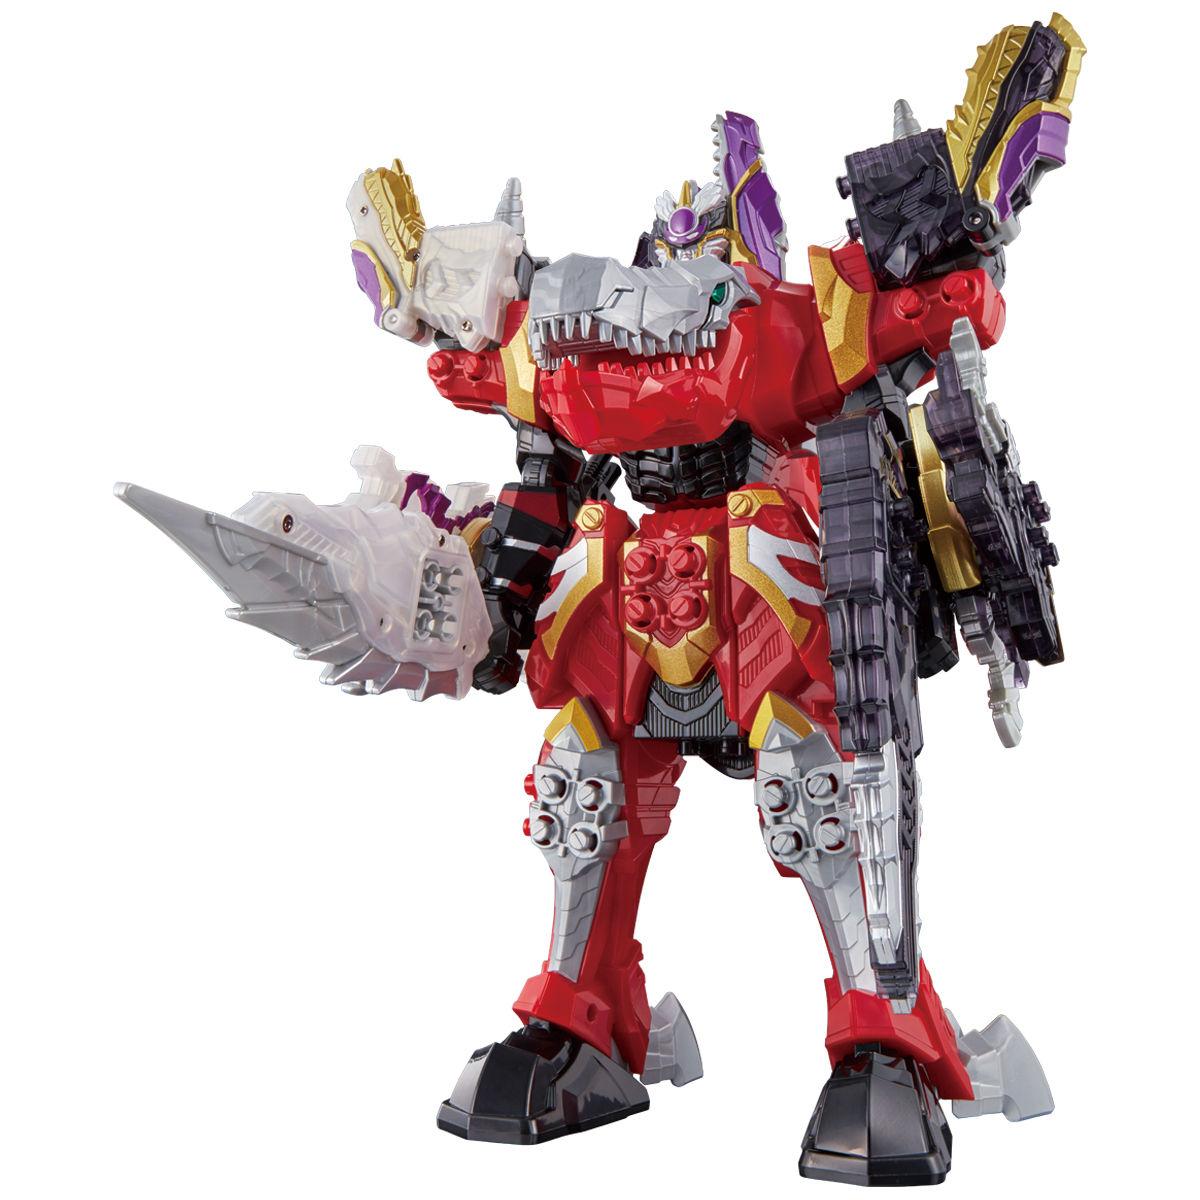 騎士竜戦隊リュウソウジャー『騎士竜シリーズ08&09 DXシャインラプター&シャドーラプターセット』可変可動フィギュア-008